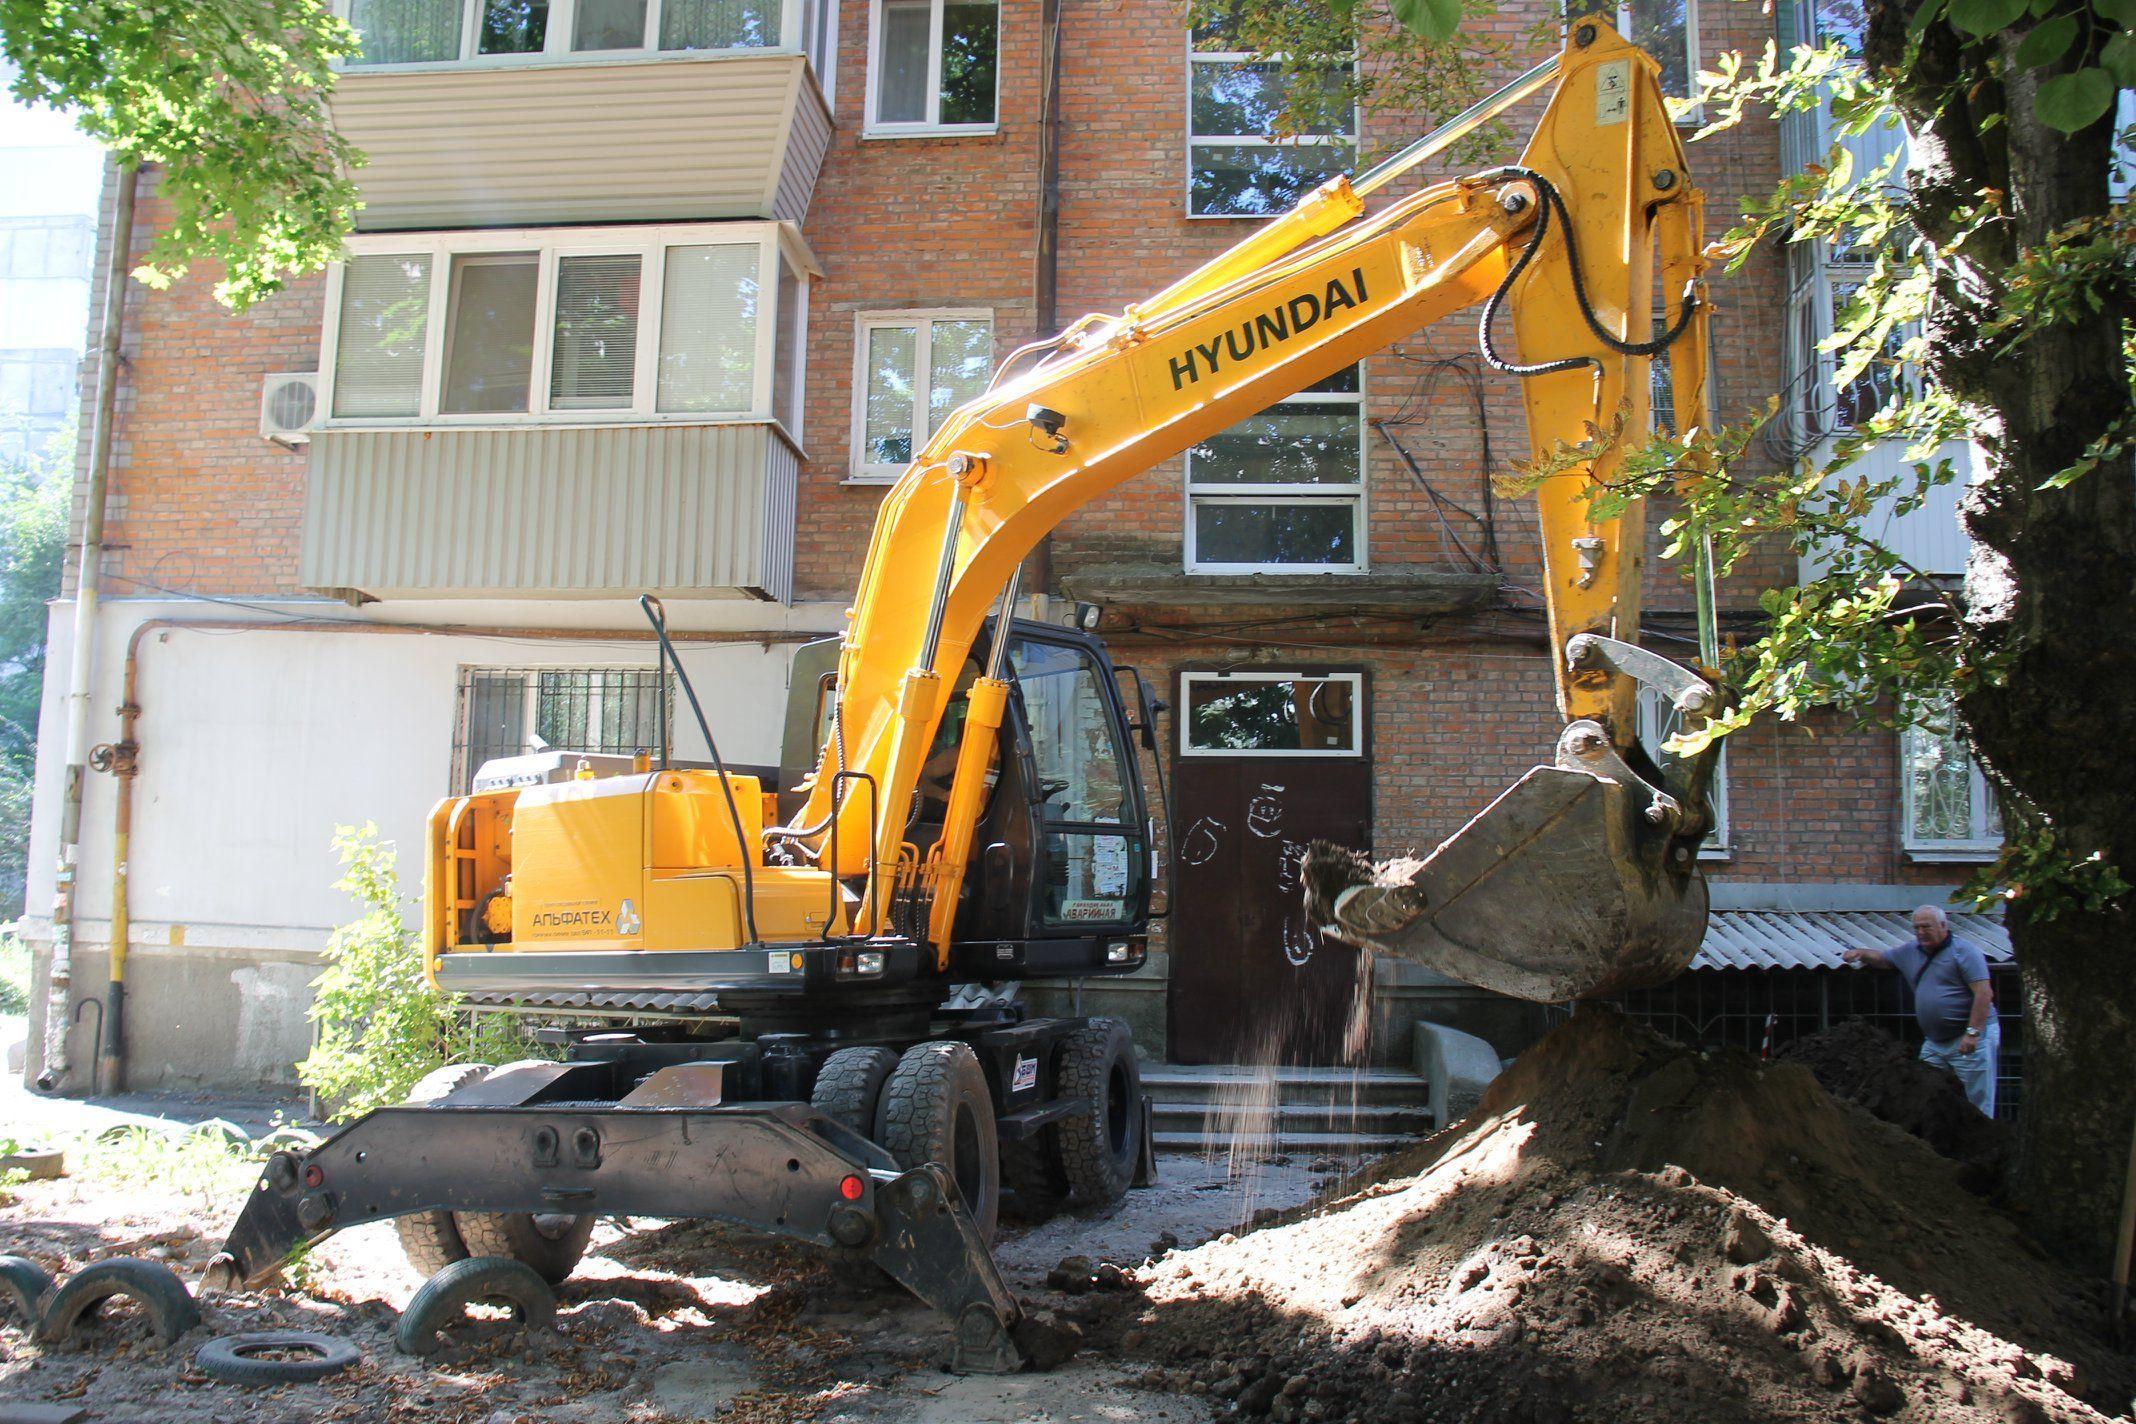 В этом году работники «Днепроводоканал» заменили впуски водопровода в 80-ти домах. Новости Днепра